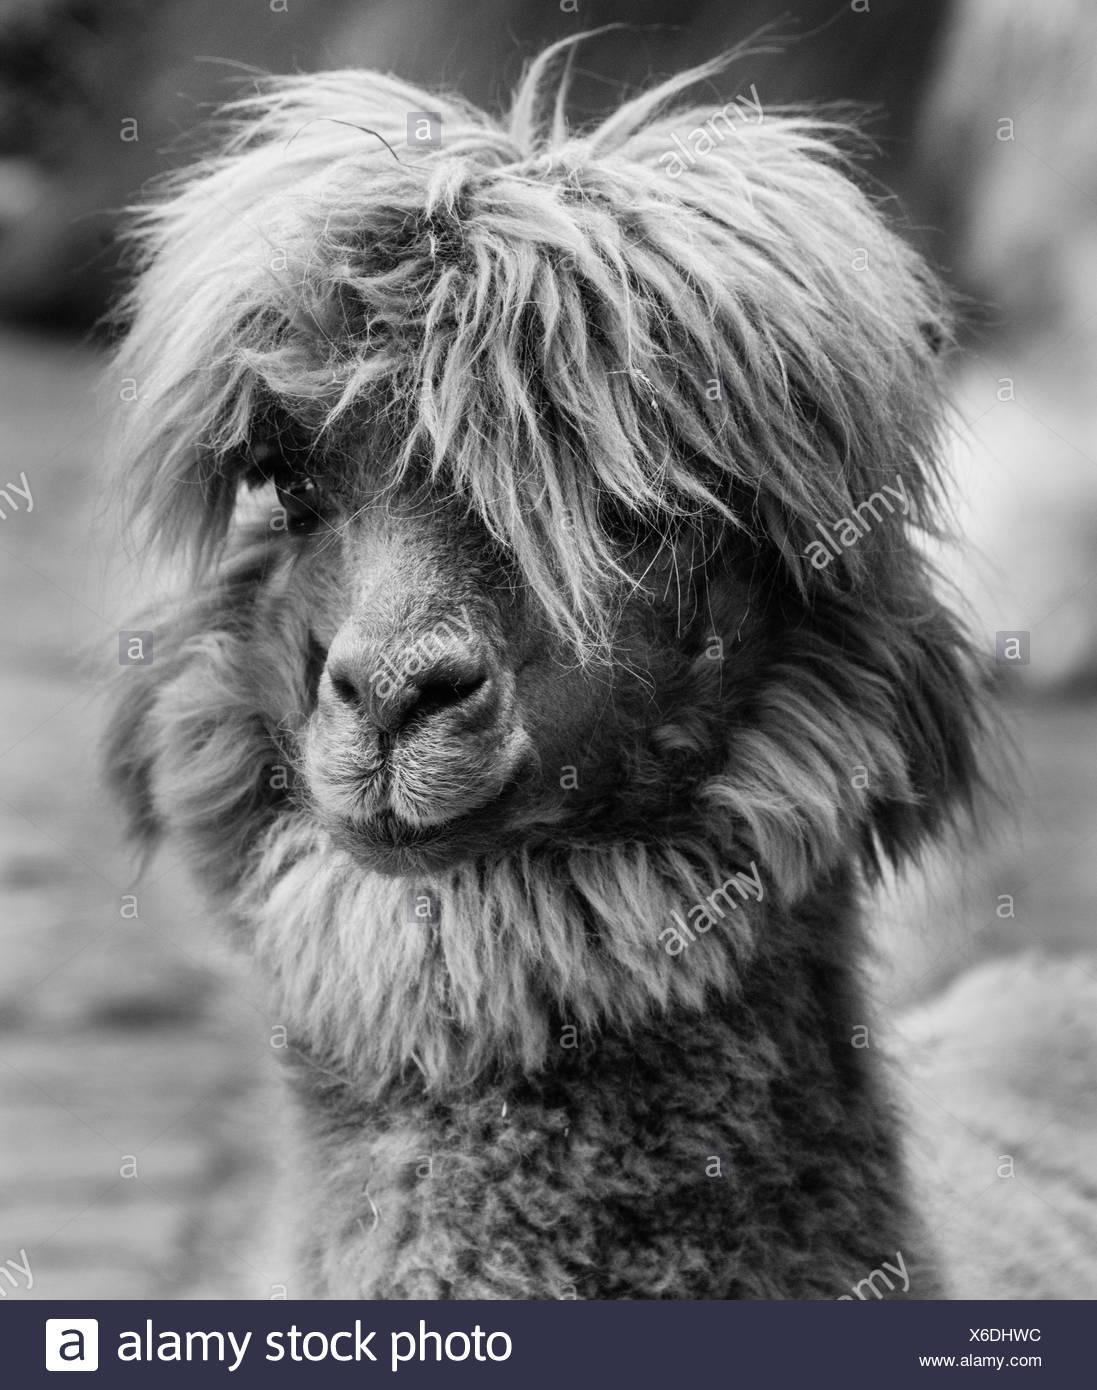 Llama (Lama glama), animal portrait, black and white - Stock Image